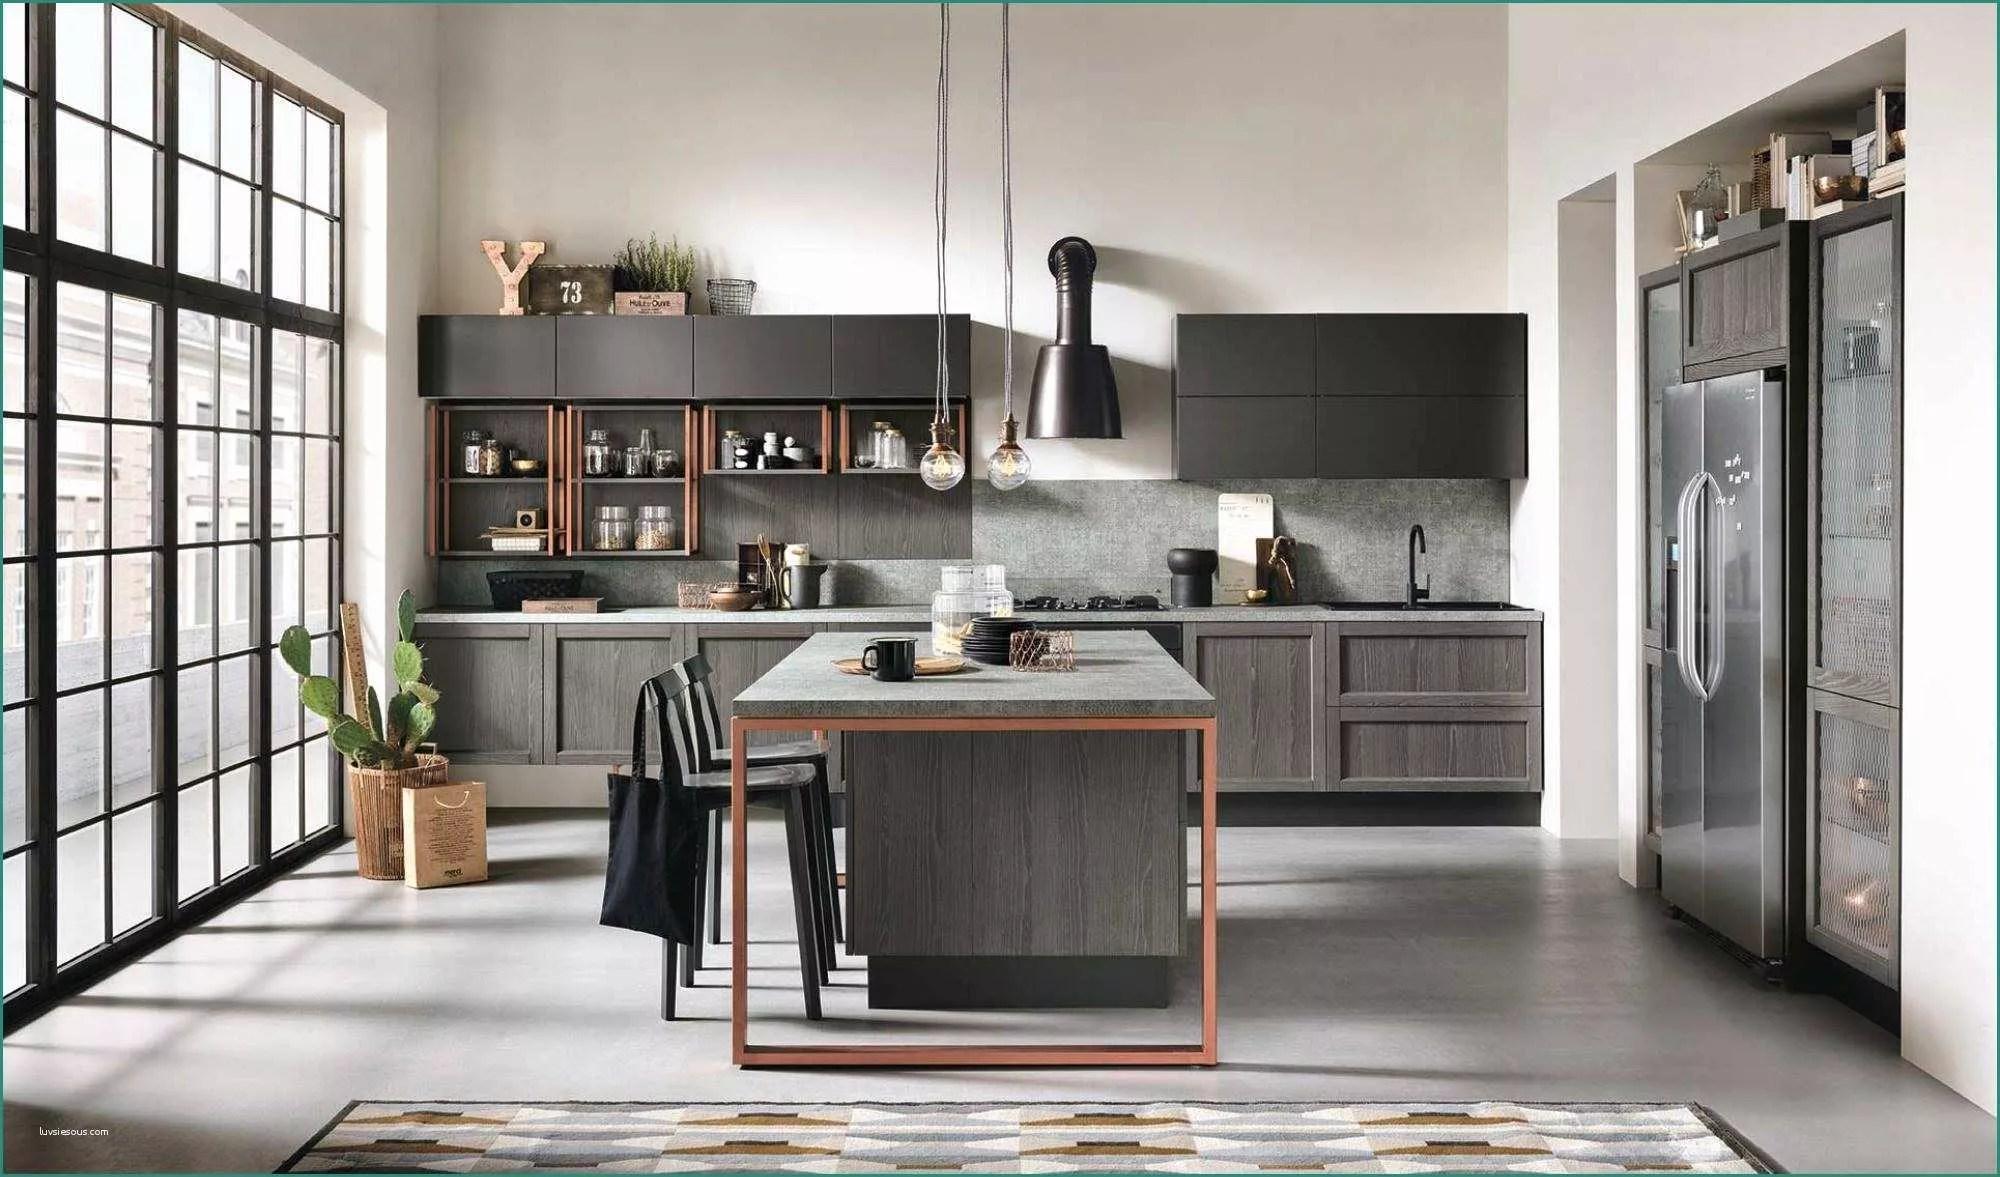 Cucina Rustica Industriale | Interni Cucina Rustica Foto Stock ...